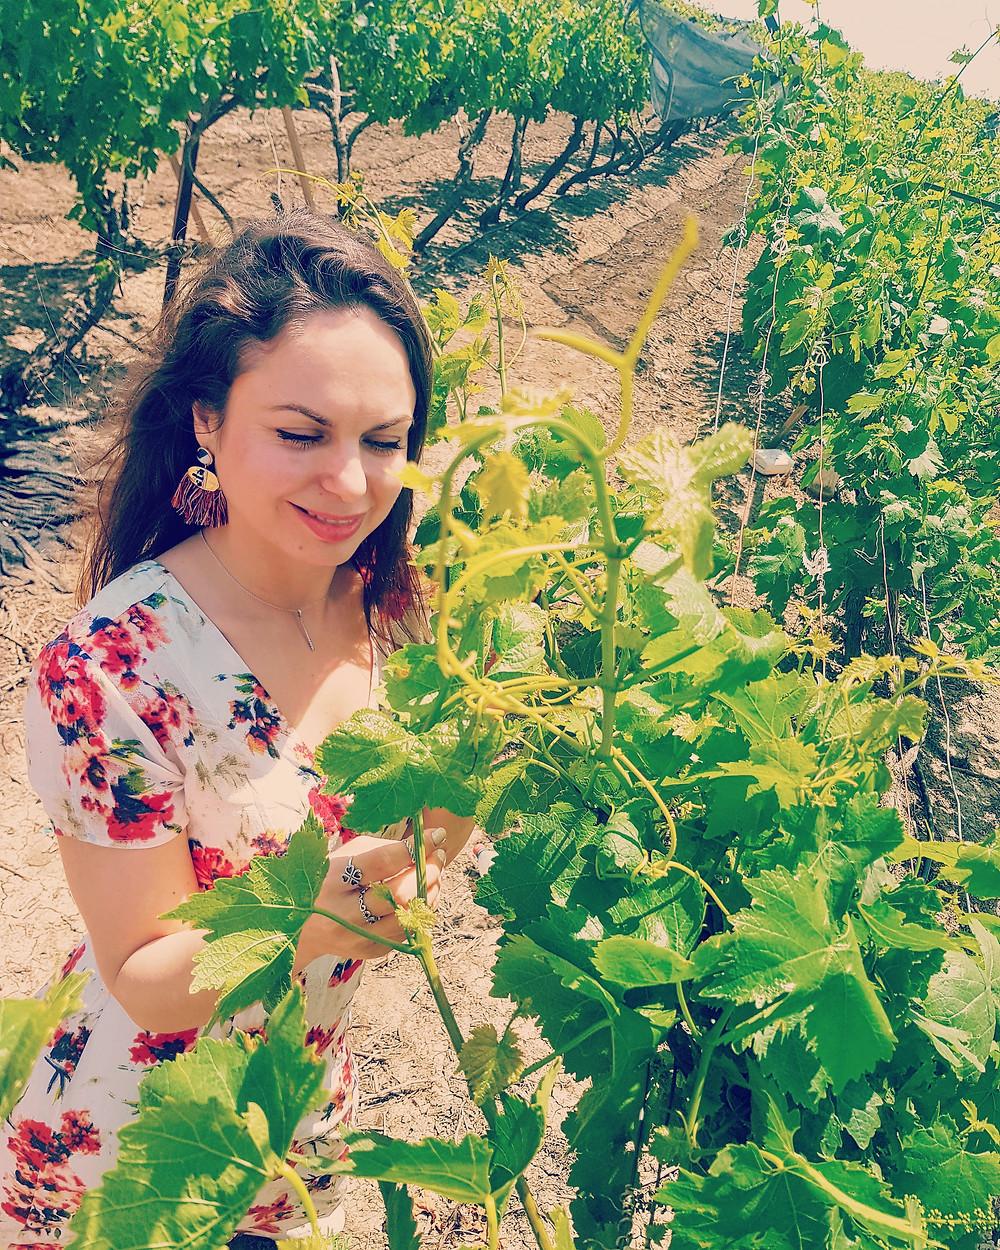 אילנה ניקיפורובה, תזונאית קלינית